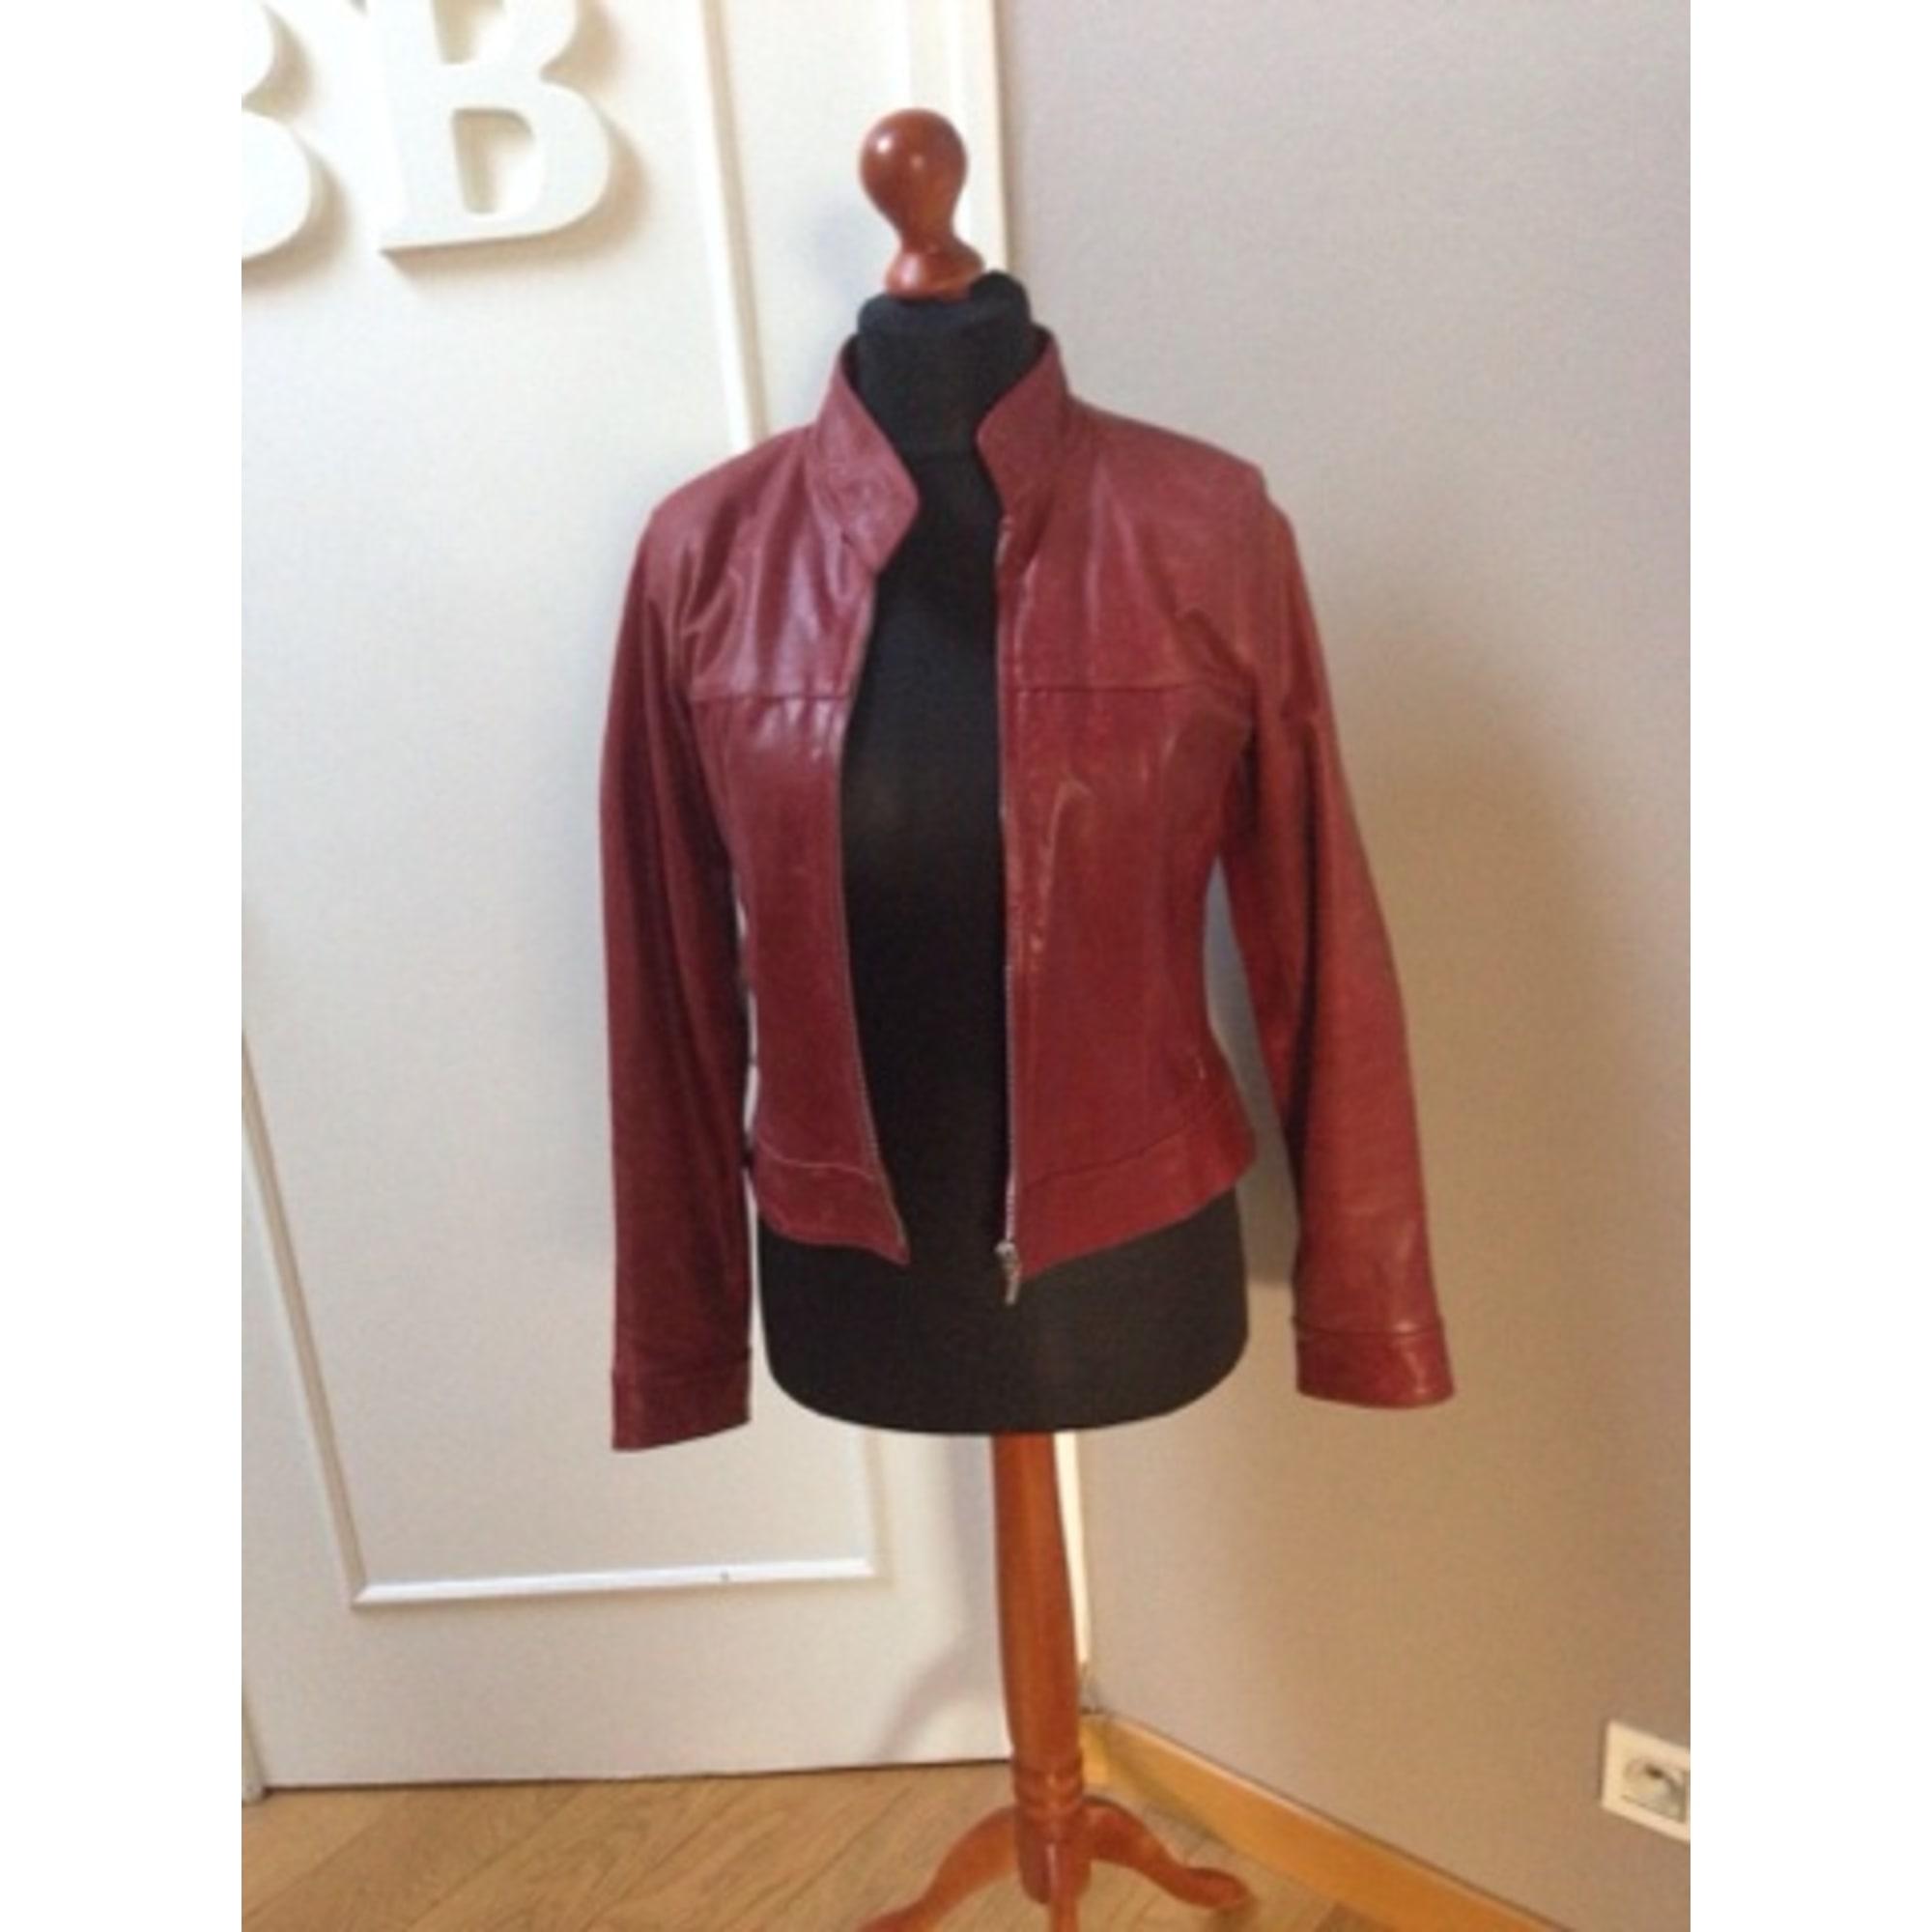 En 328101671 40 Zara T3 l Rouge Vendu Cuir Christelle Blouson Par q76Awf6